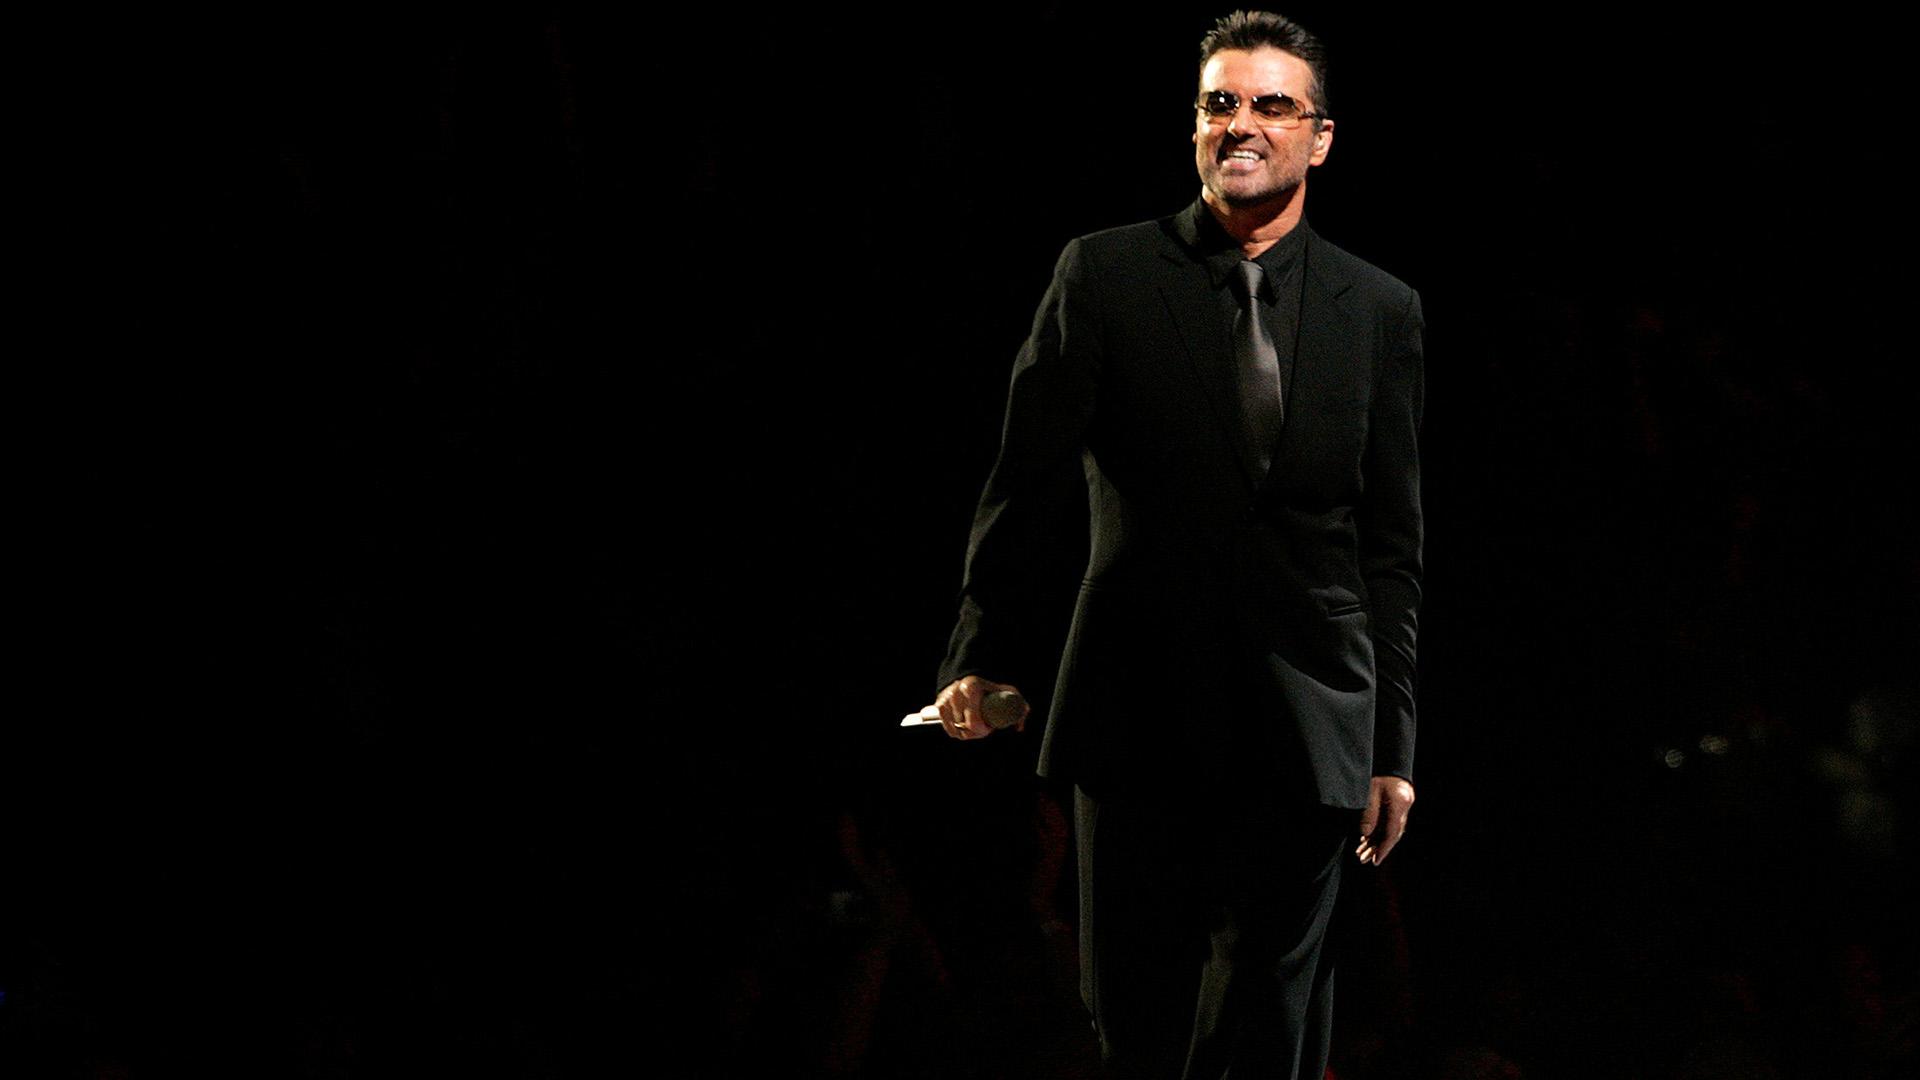 Concierto en el MEN Arena de Manchester, en noviembre de 2006 (Reuters)